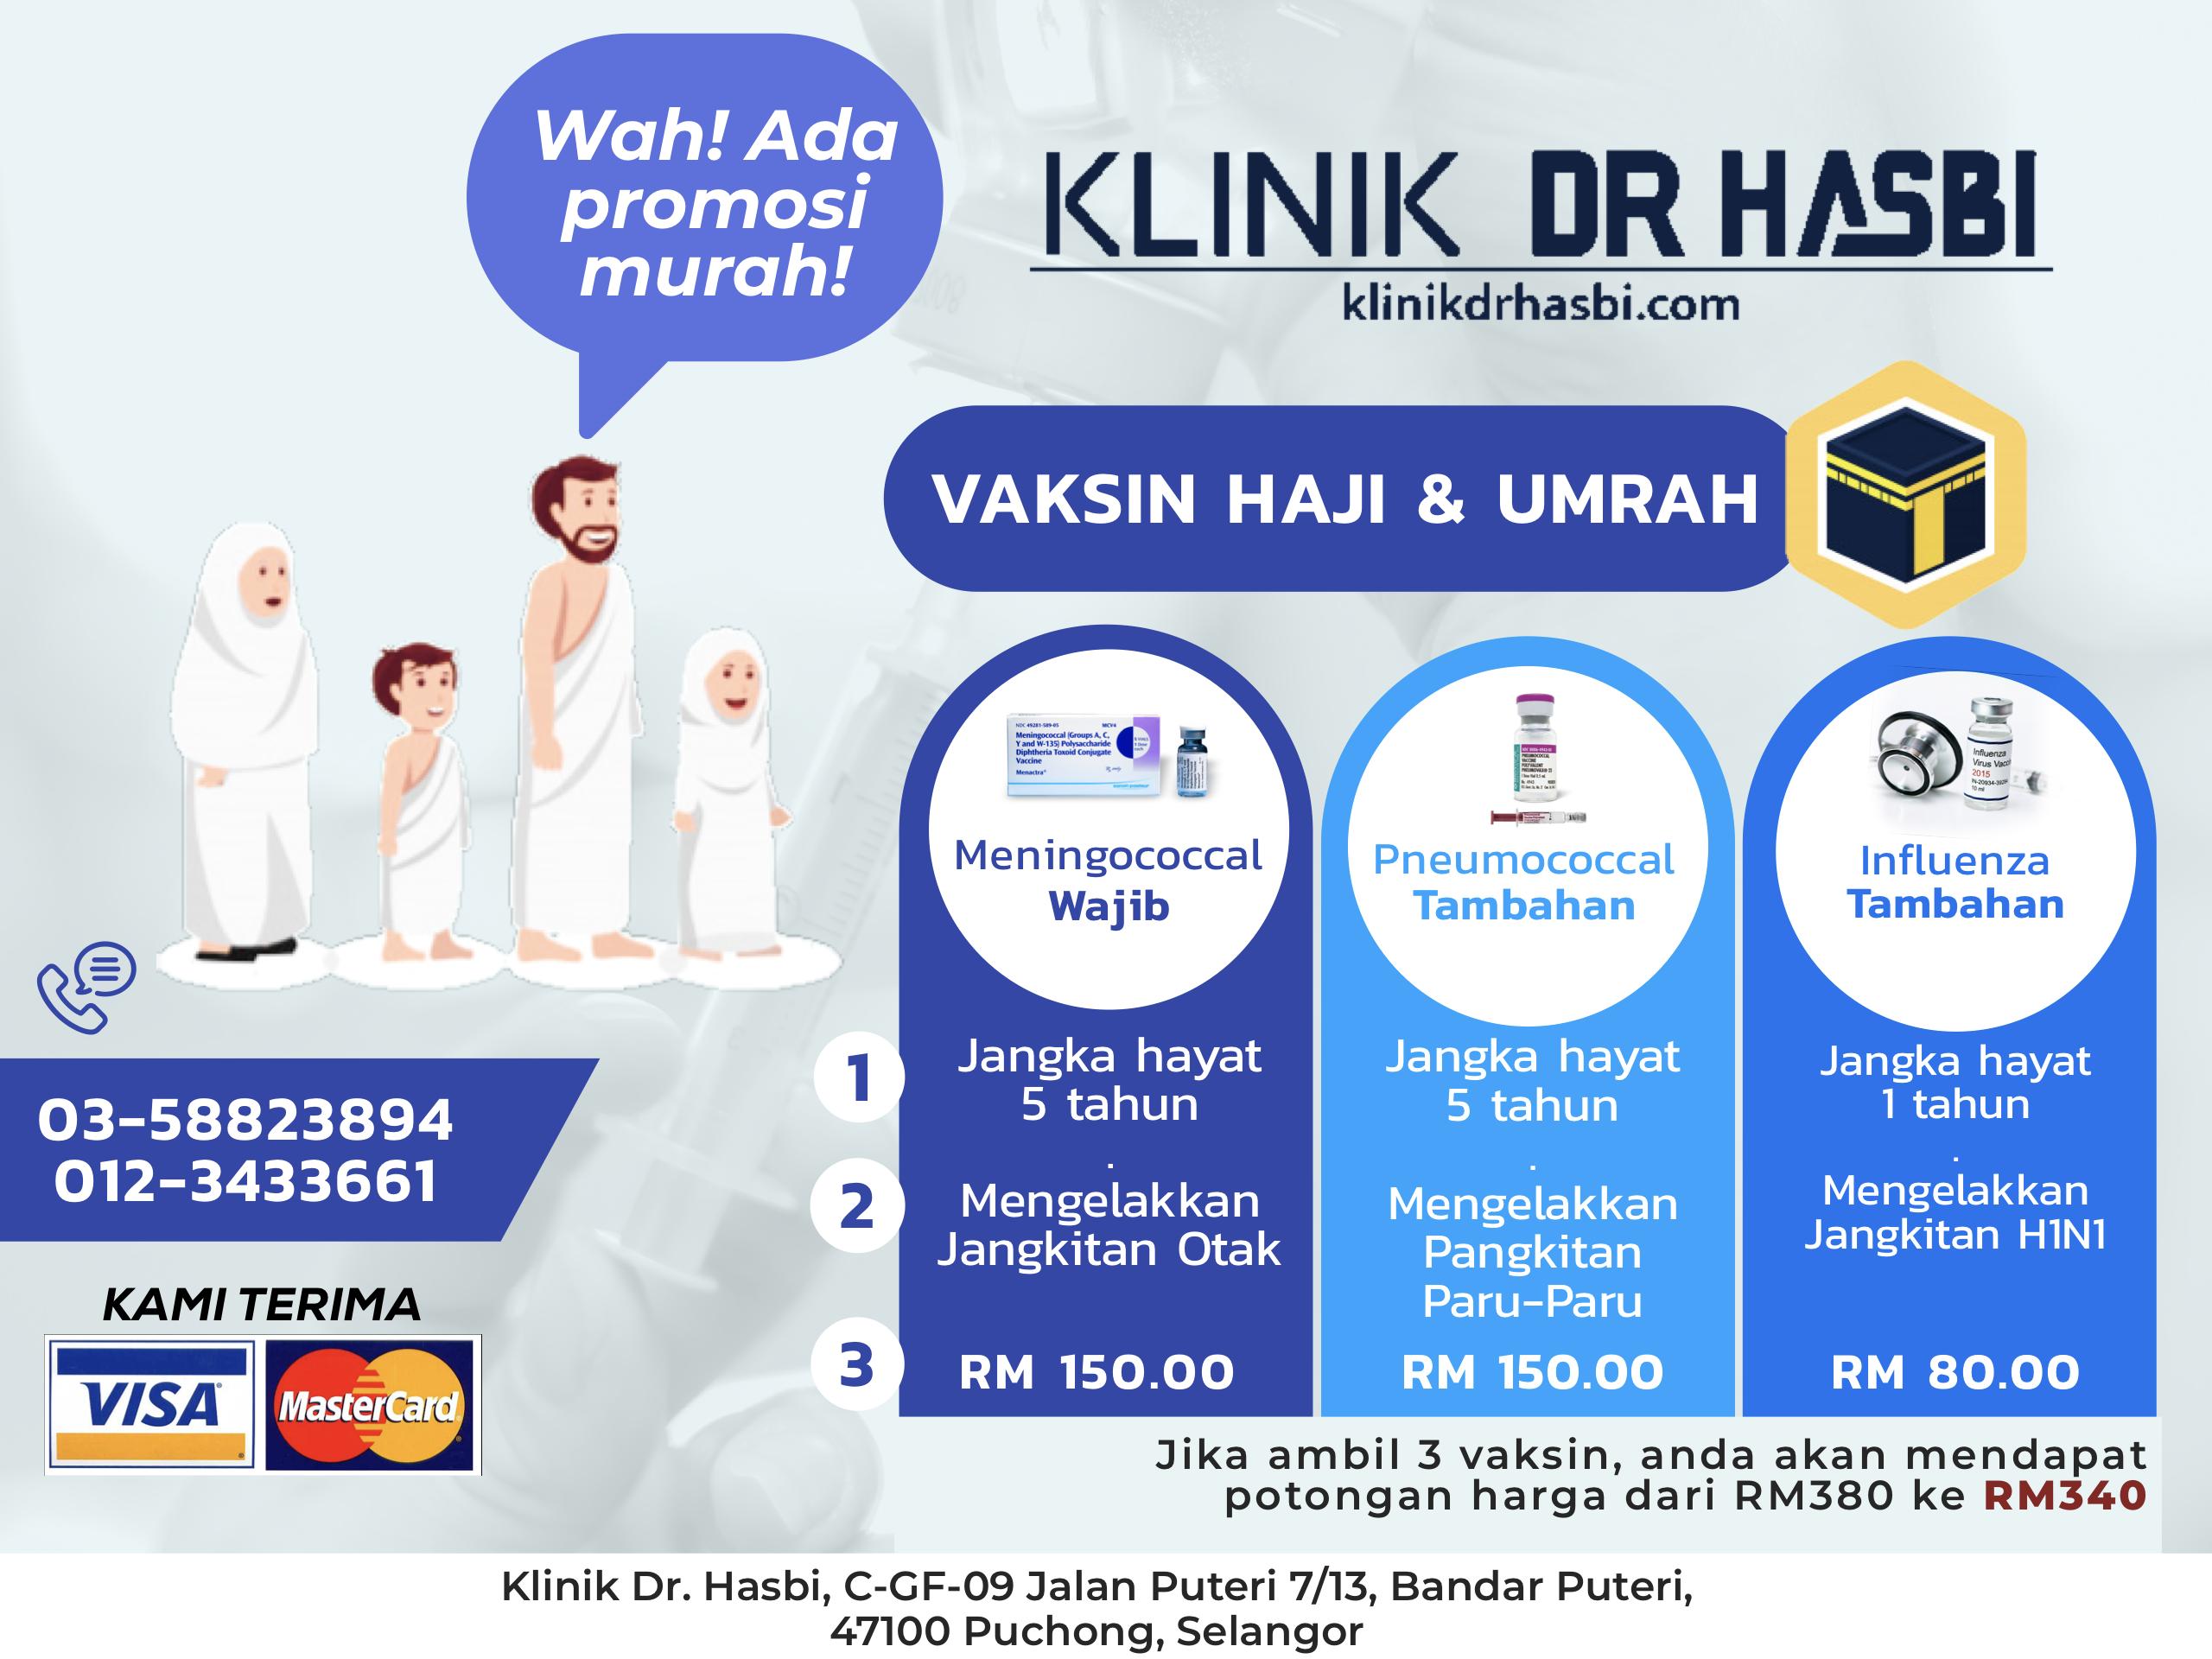 promosi vaksin umrah dan haji